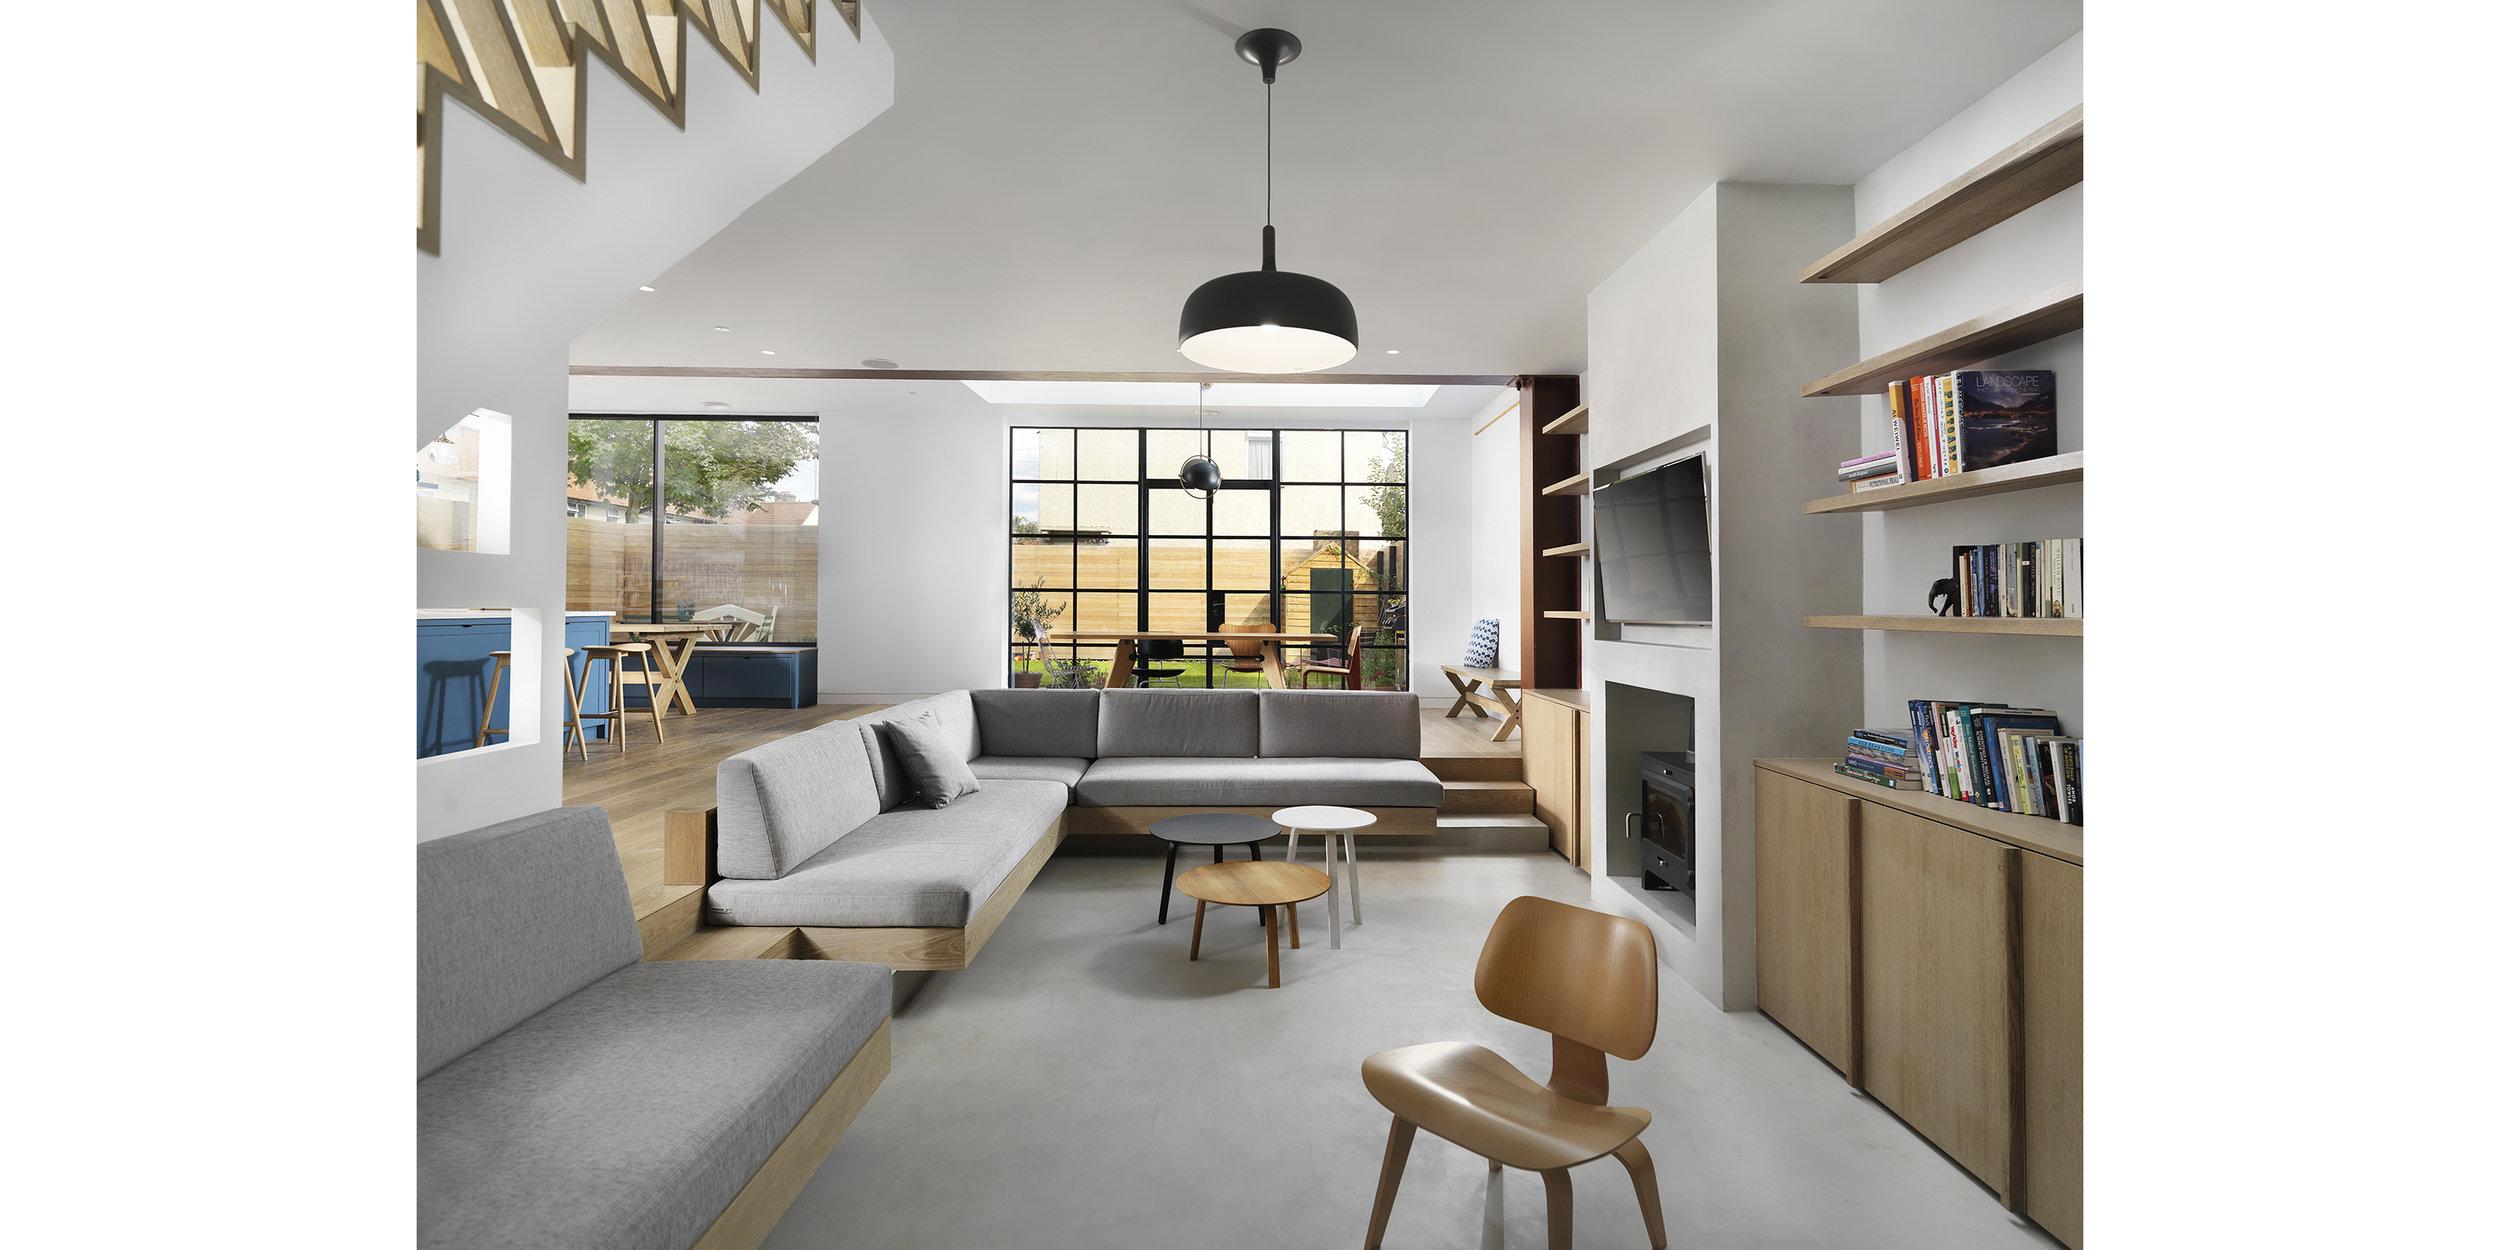 Neiheiser Argyros - Verdun Road - living room.jpg